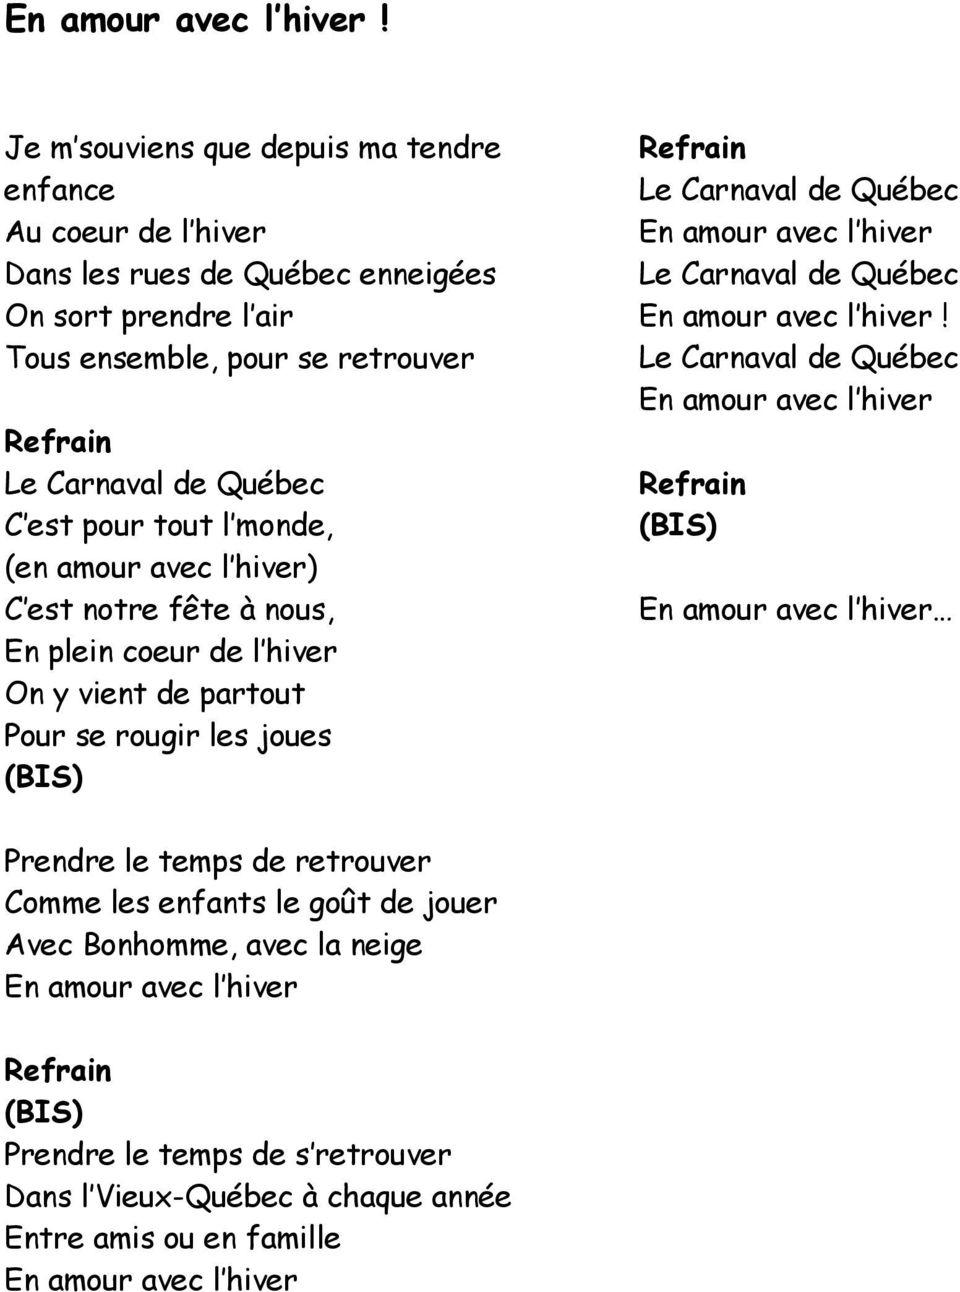 Les Paroles Des Chansons Du Carnaval De Québec - Pdf Free encequiconcerne Dans La Nuit De L Hiver Chanson